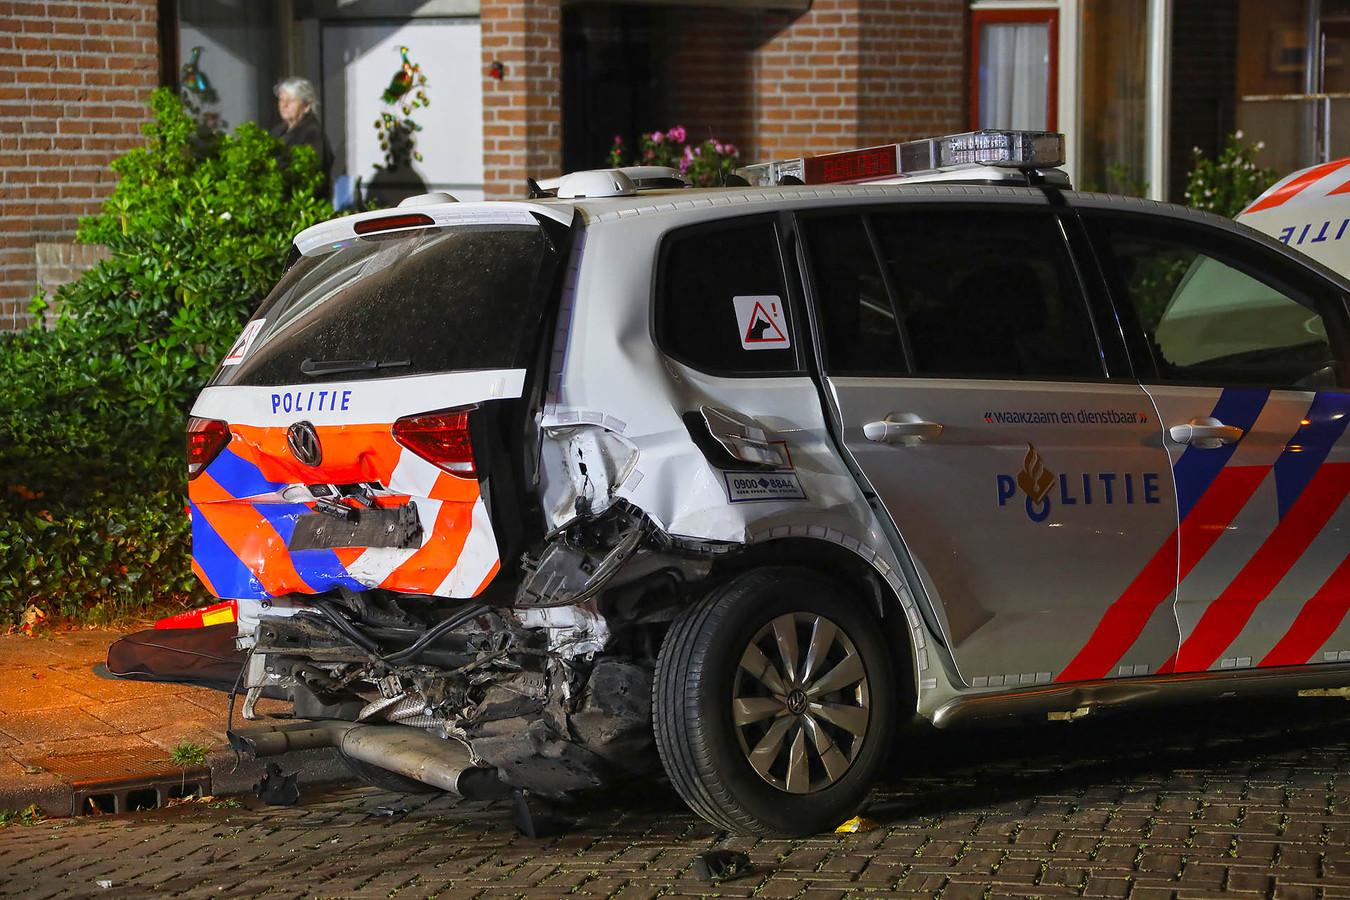 De 20-jarige Ossenaar botste tegen een politieauto op de Begijnenstraat in Oss.